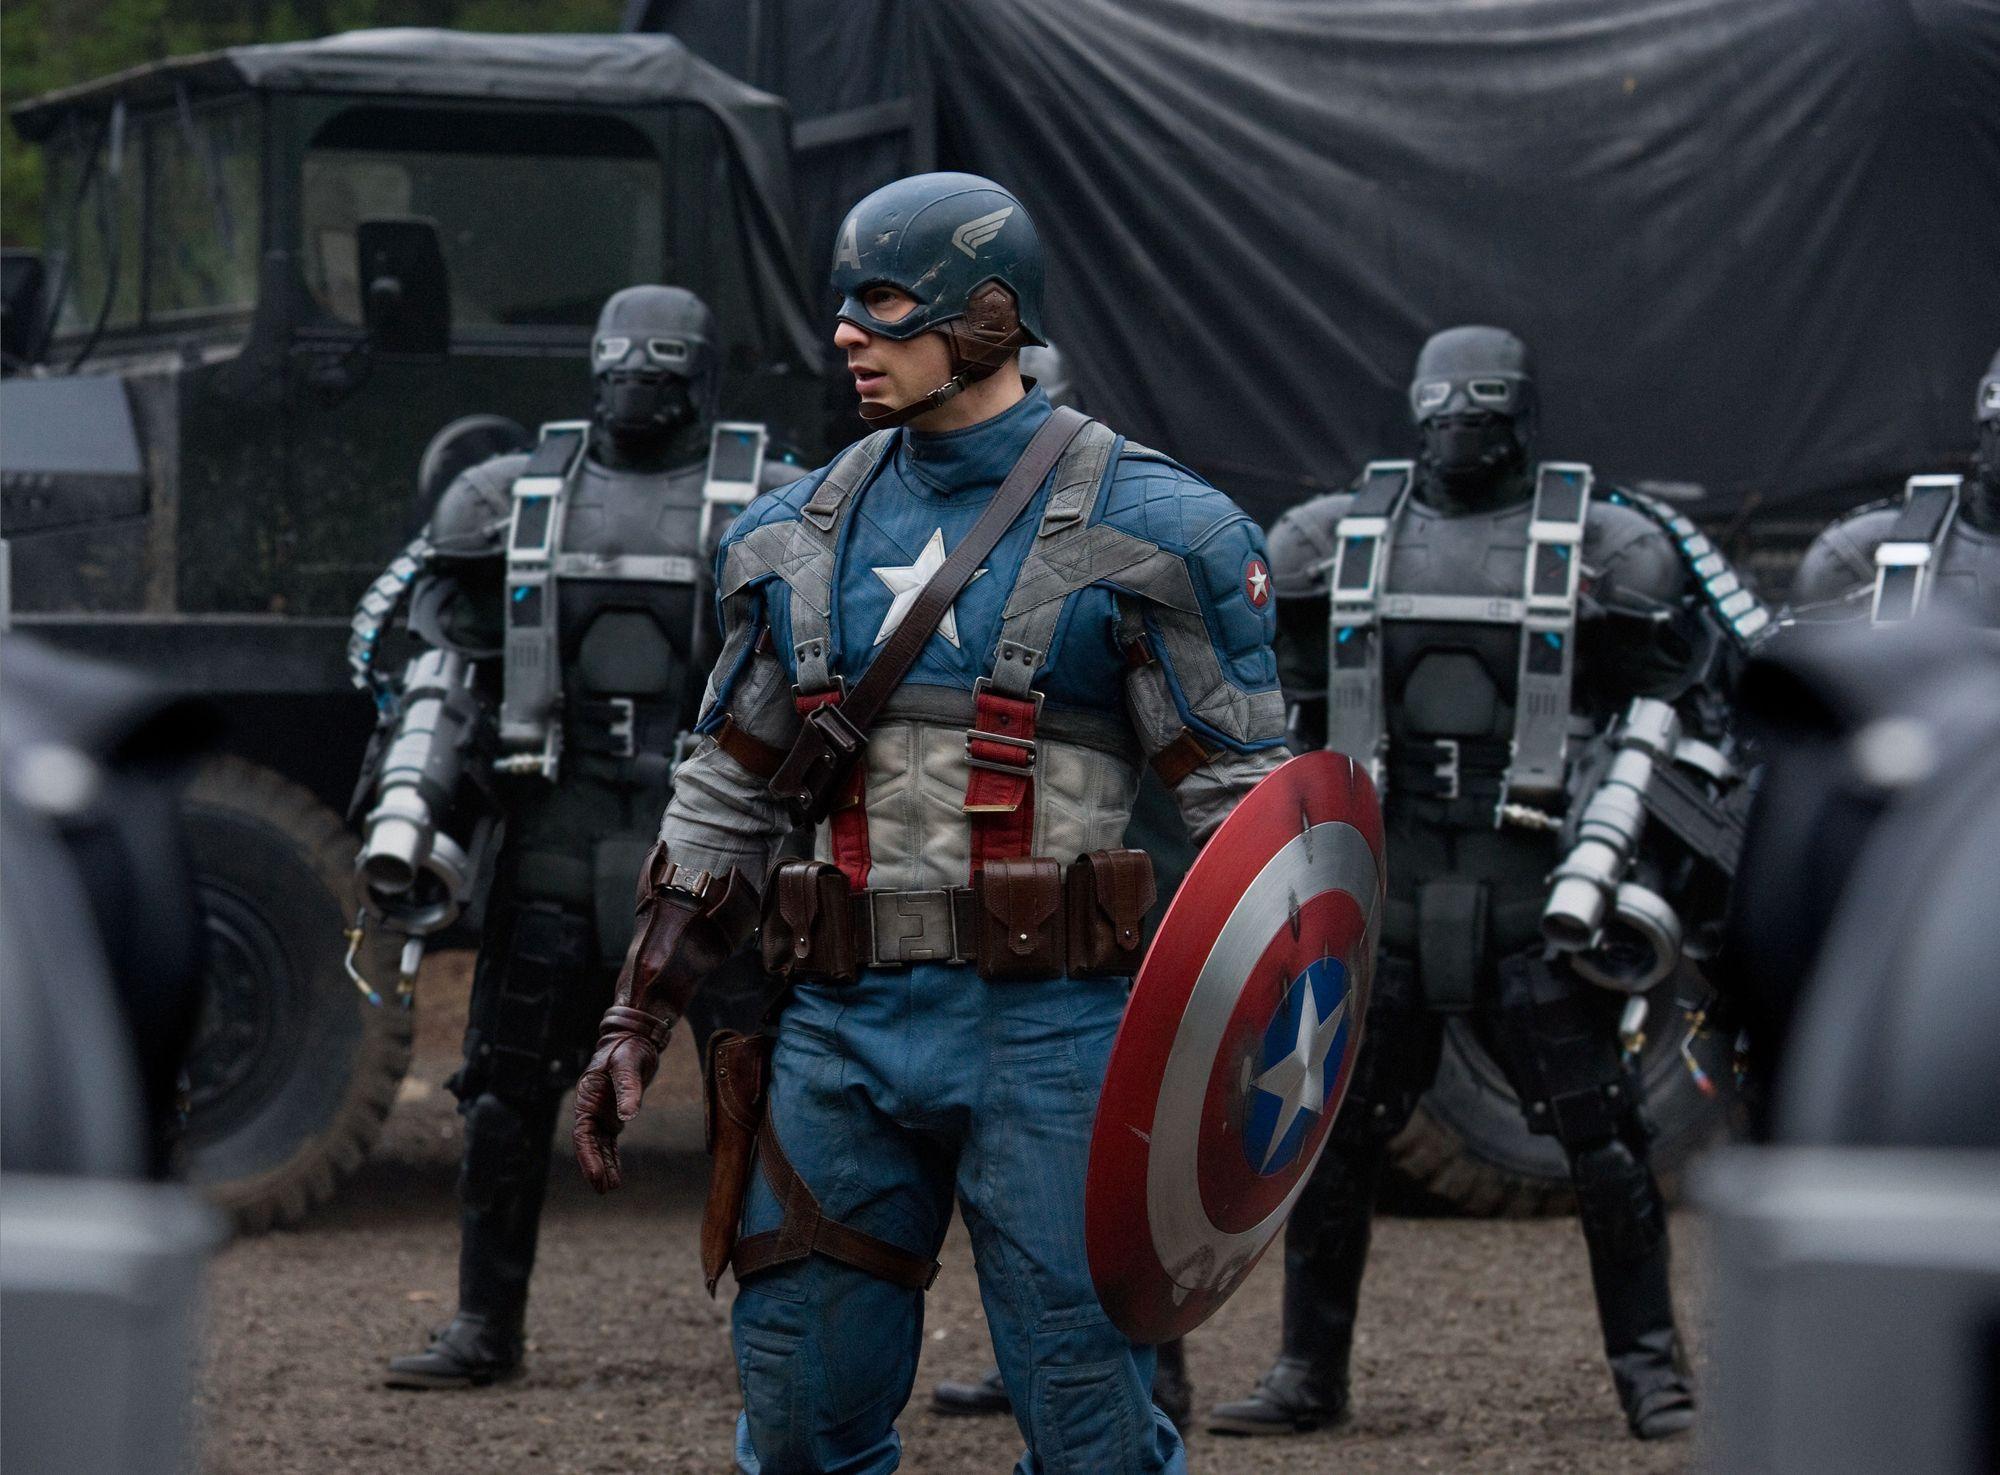 Captain america the first avenger 2011 - Captain America The First Avenger Movie Image 76